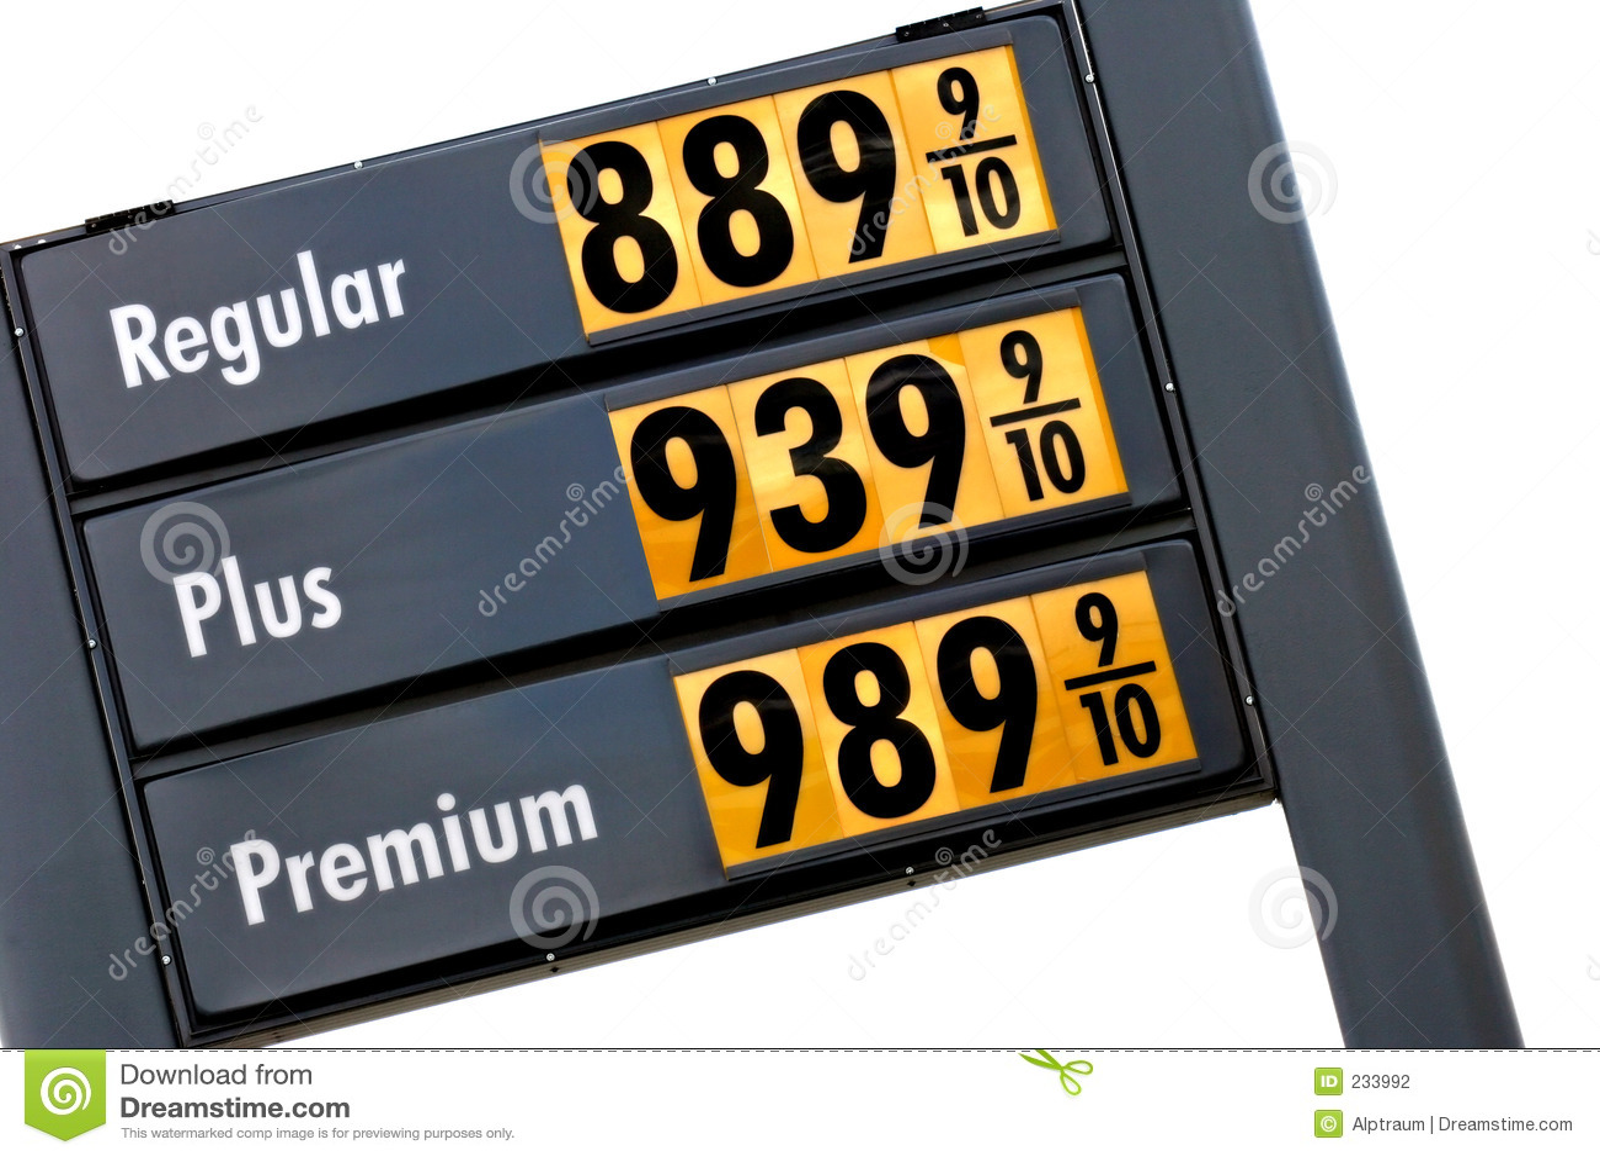 Gas prices tomorrow